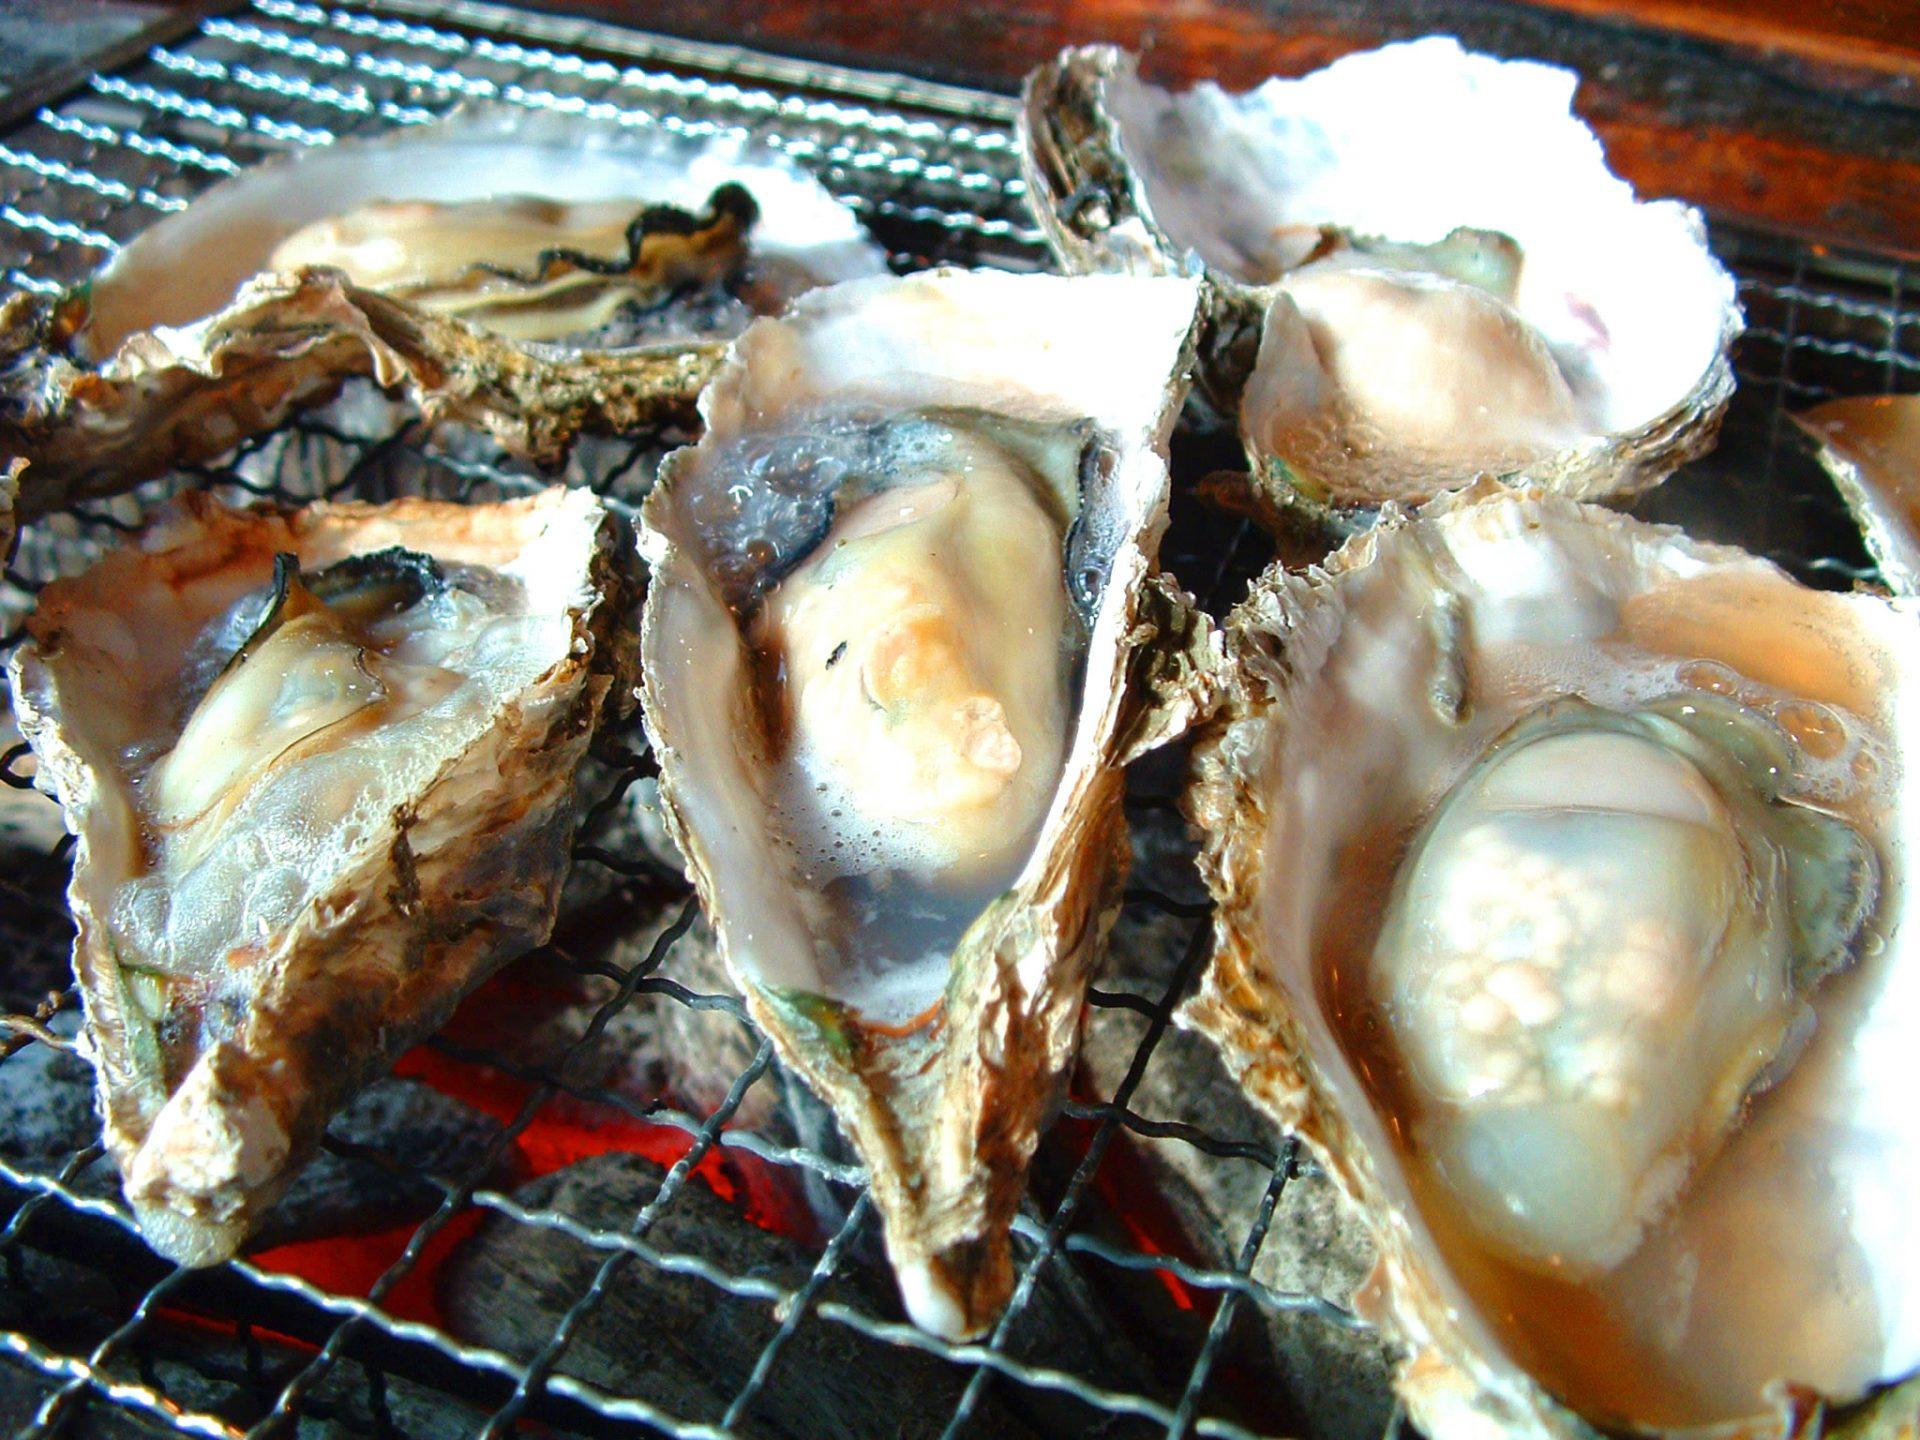 牡蠣 大分 名産 特産 品 旅行 観光 ローカルグルメ 地元